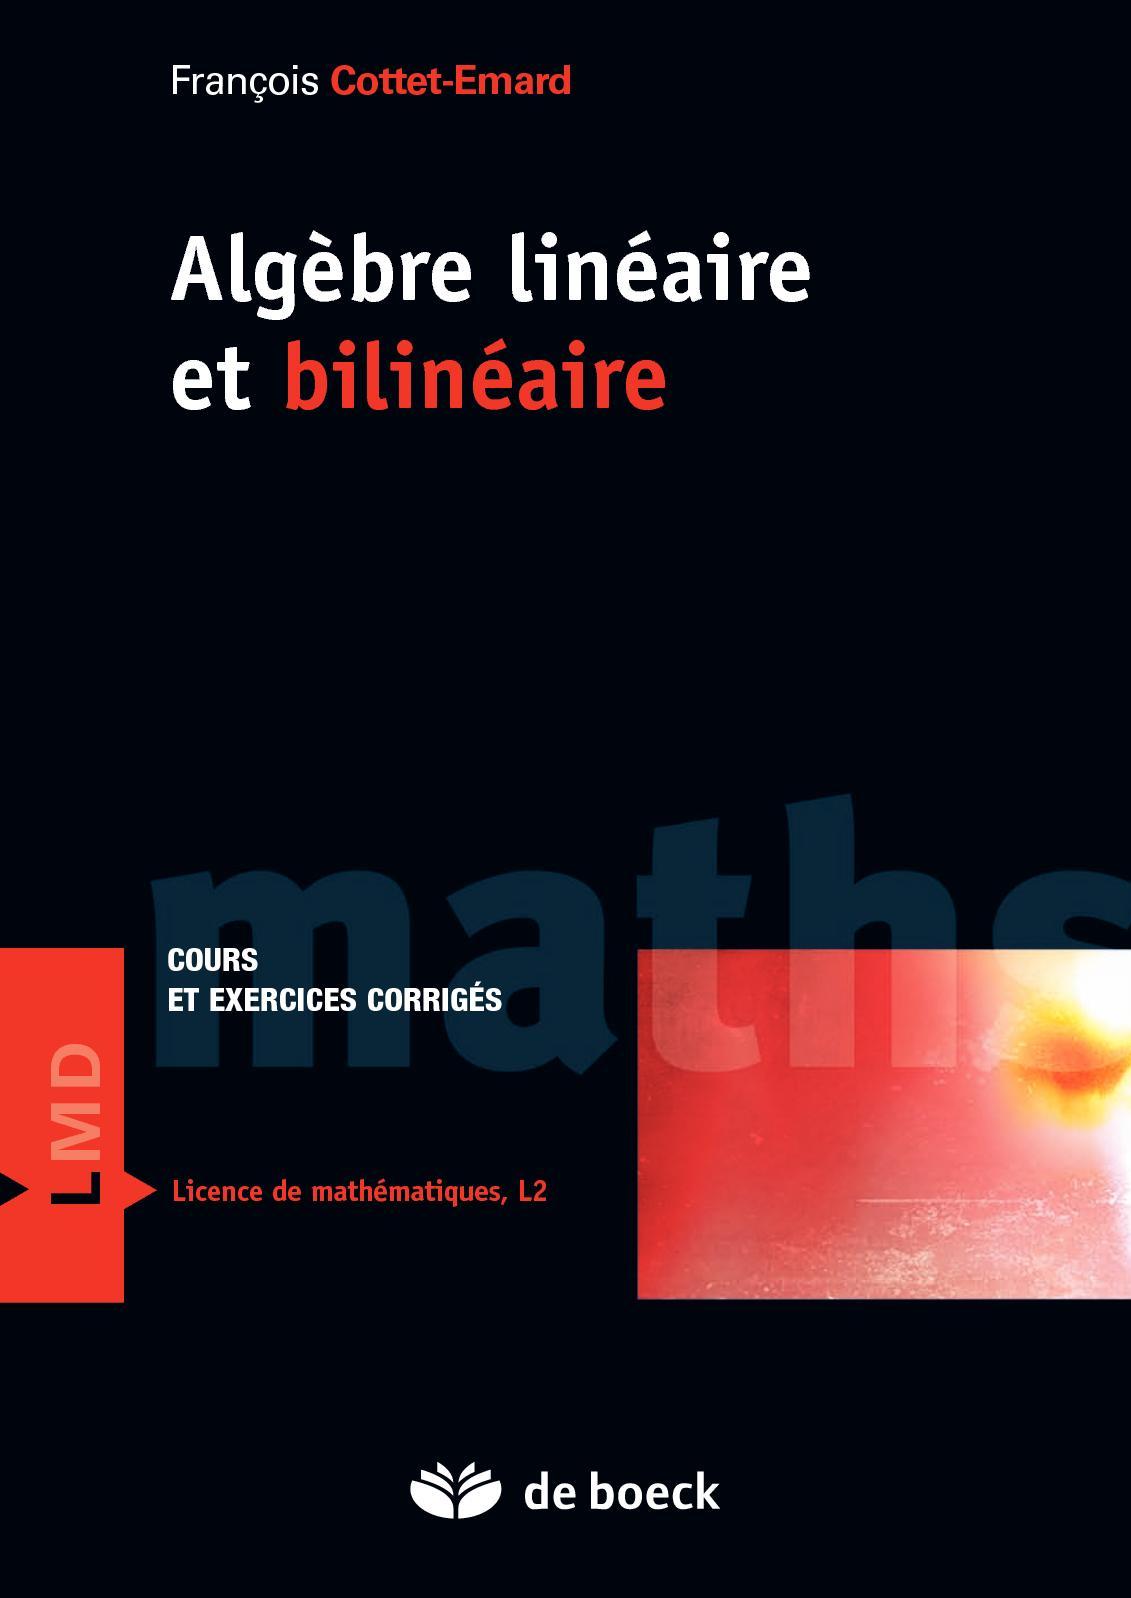 Algèbre linéaire et bilinéaire